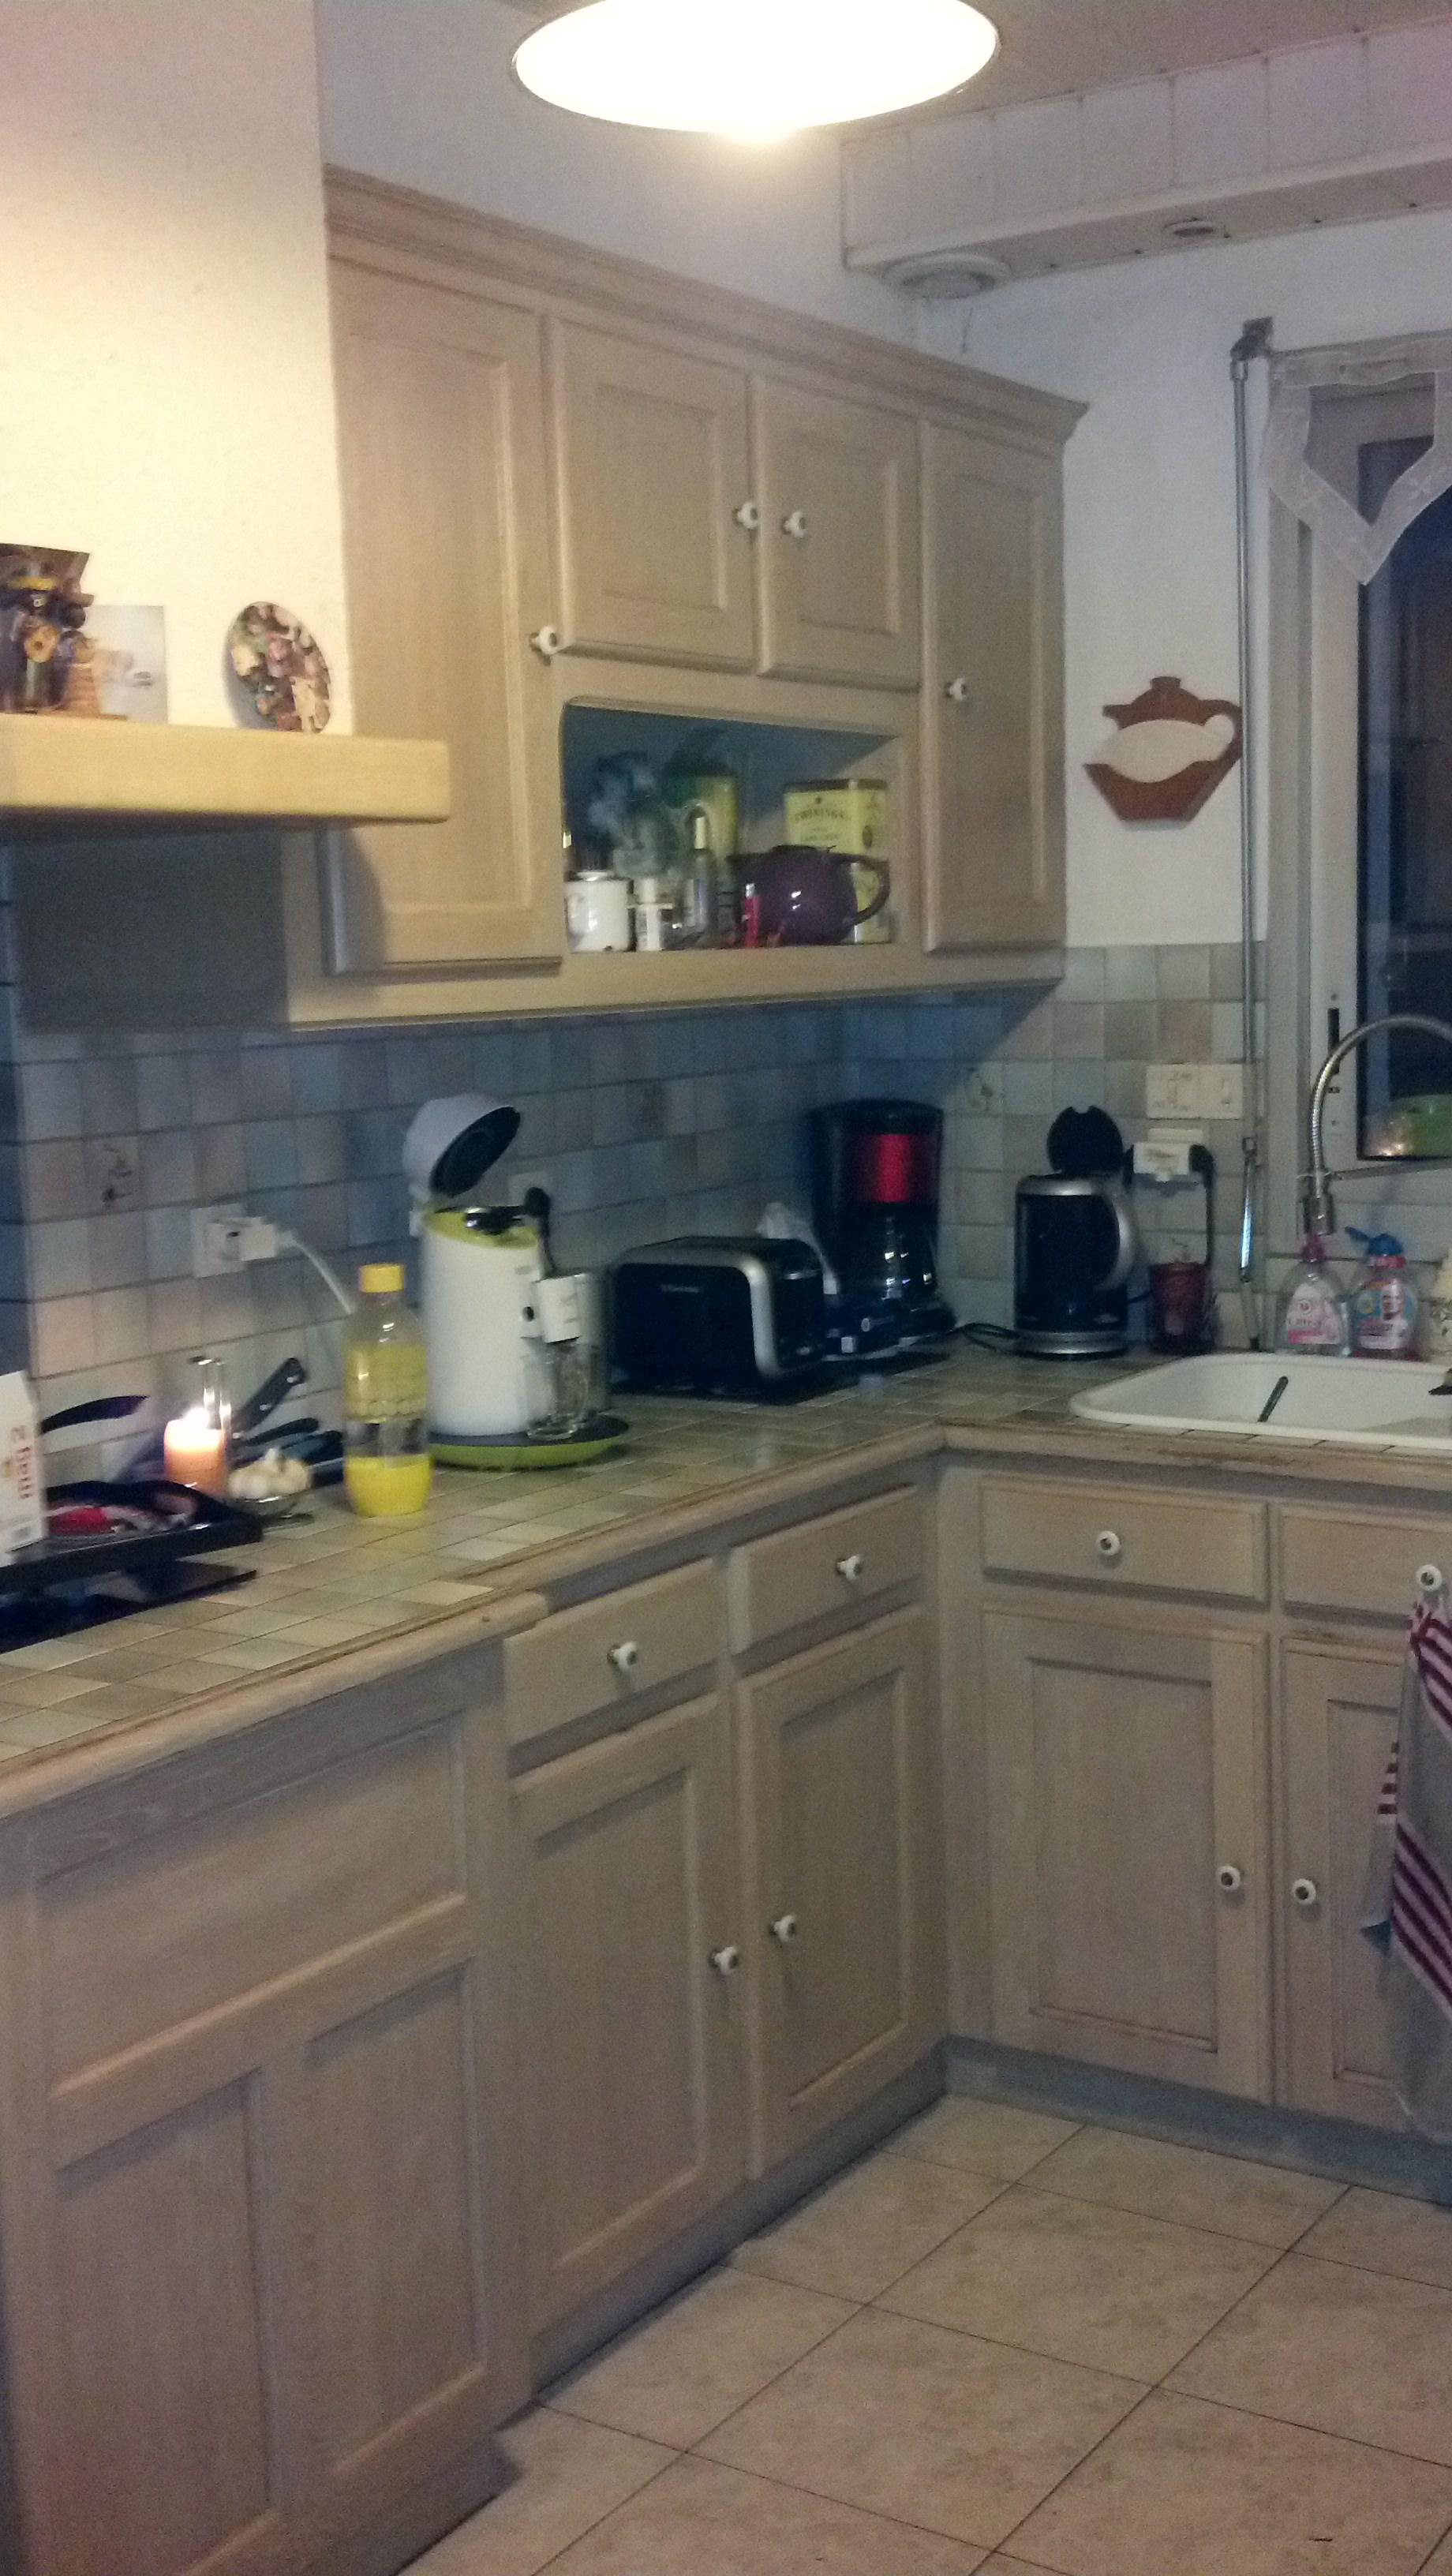 Projet-reamenagement-cuisine-LHopital-Campfrout-AVANT-6